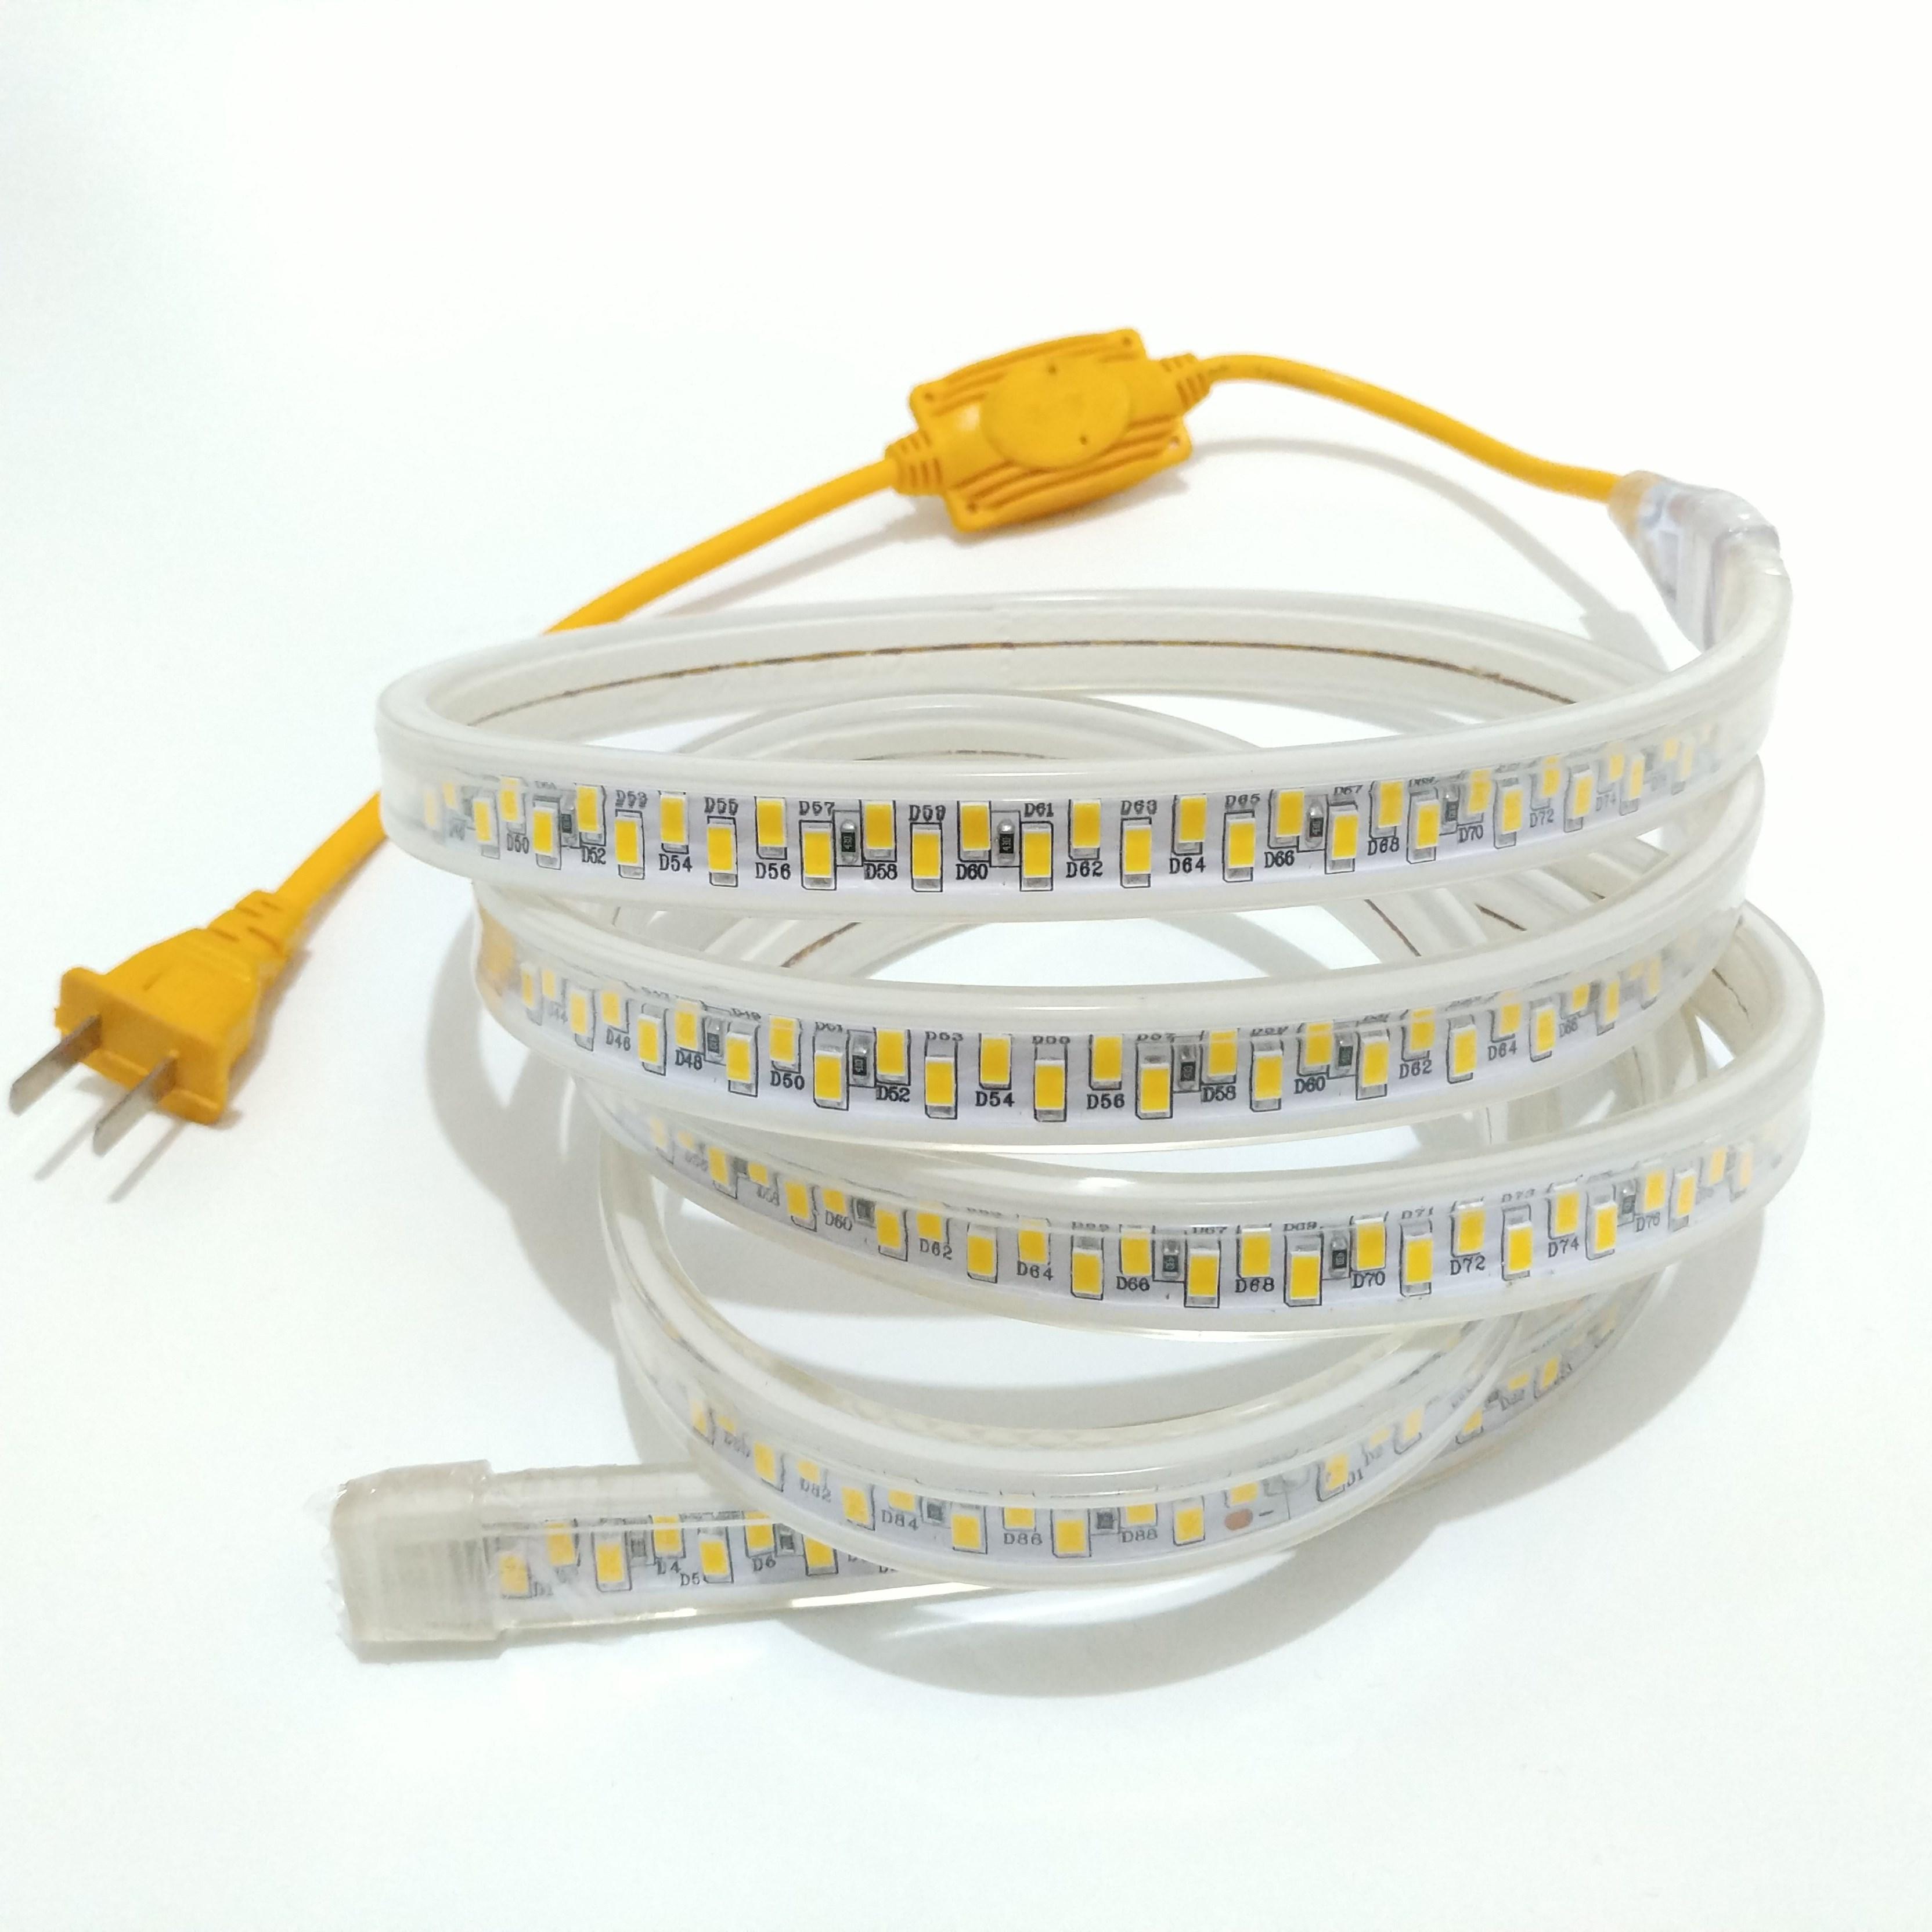 进口LED双排灯带超亮5730灯珠180珠120 防水室内客厅吊顶户外灯带(用1元券)